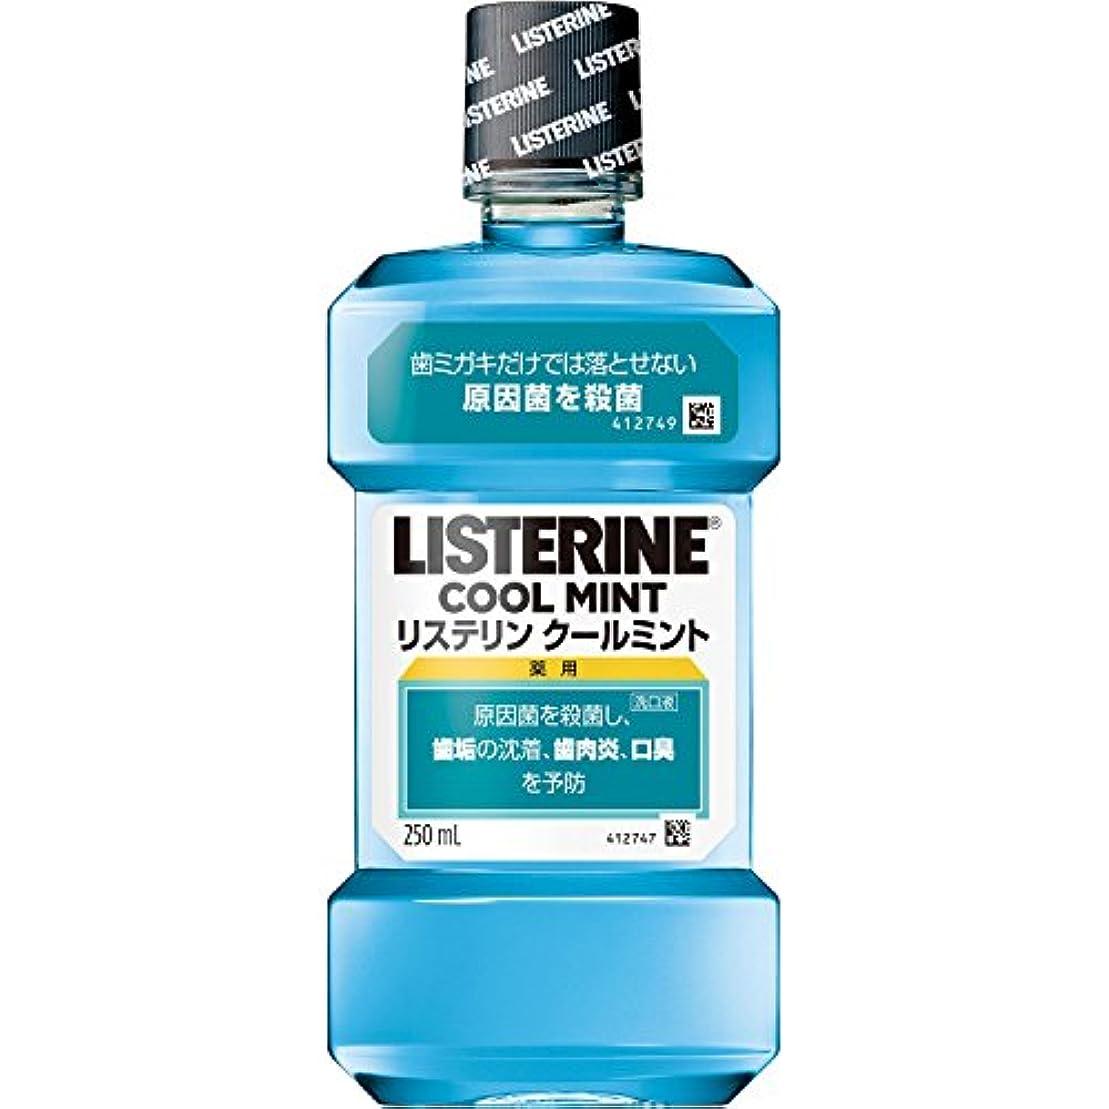 ペルセウスティーンエイジャーフライカイト薬用リステリン クールミント 250ML